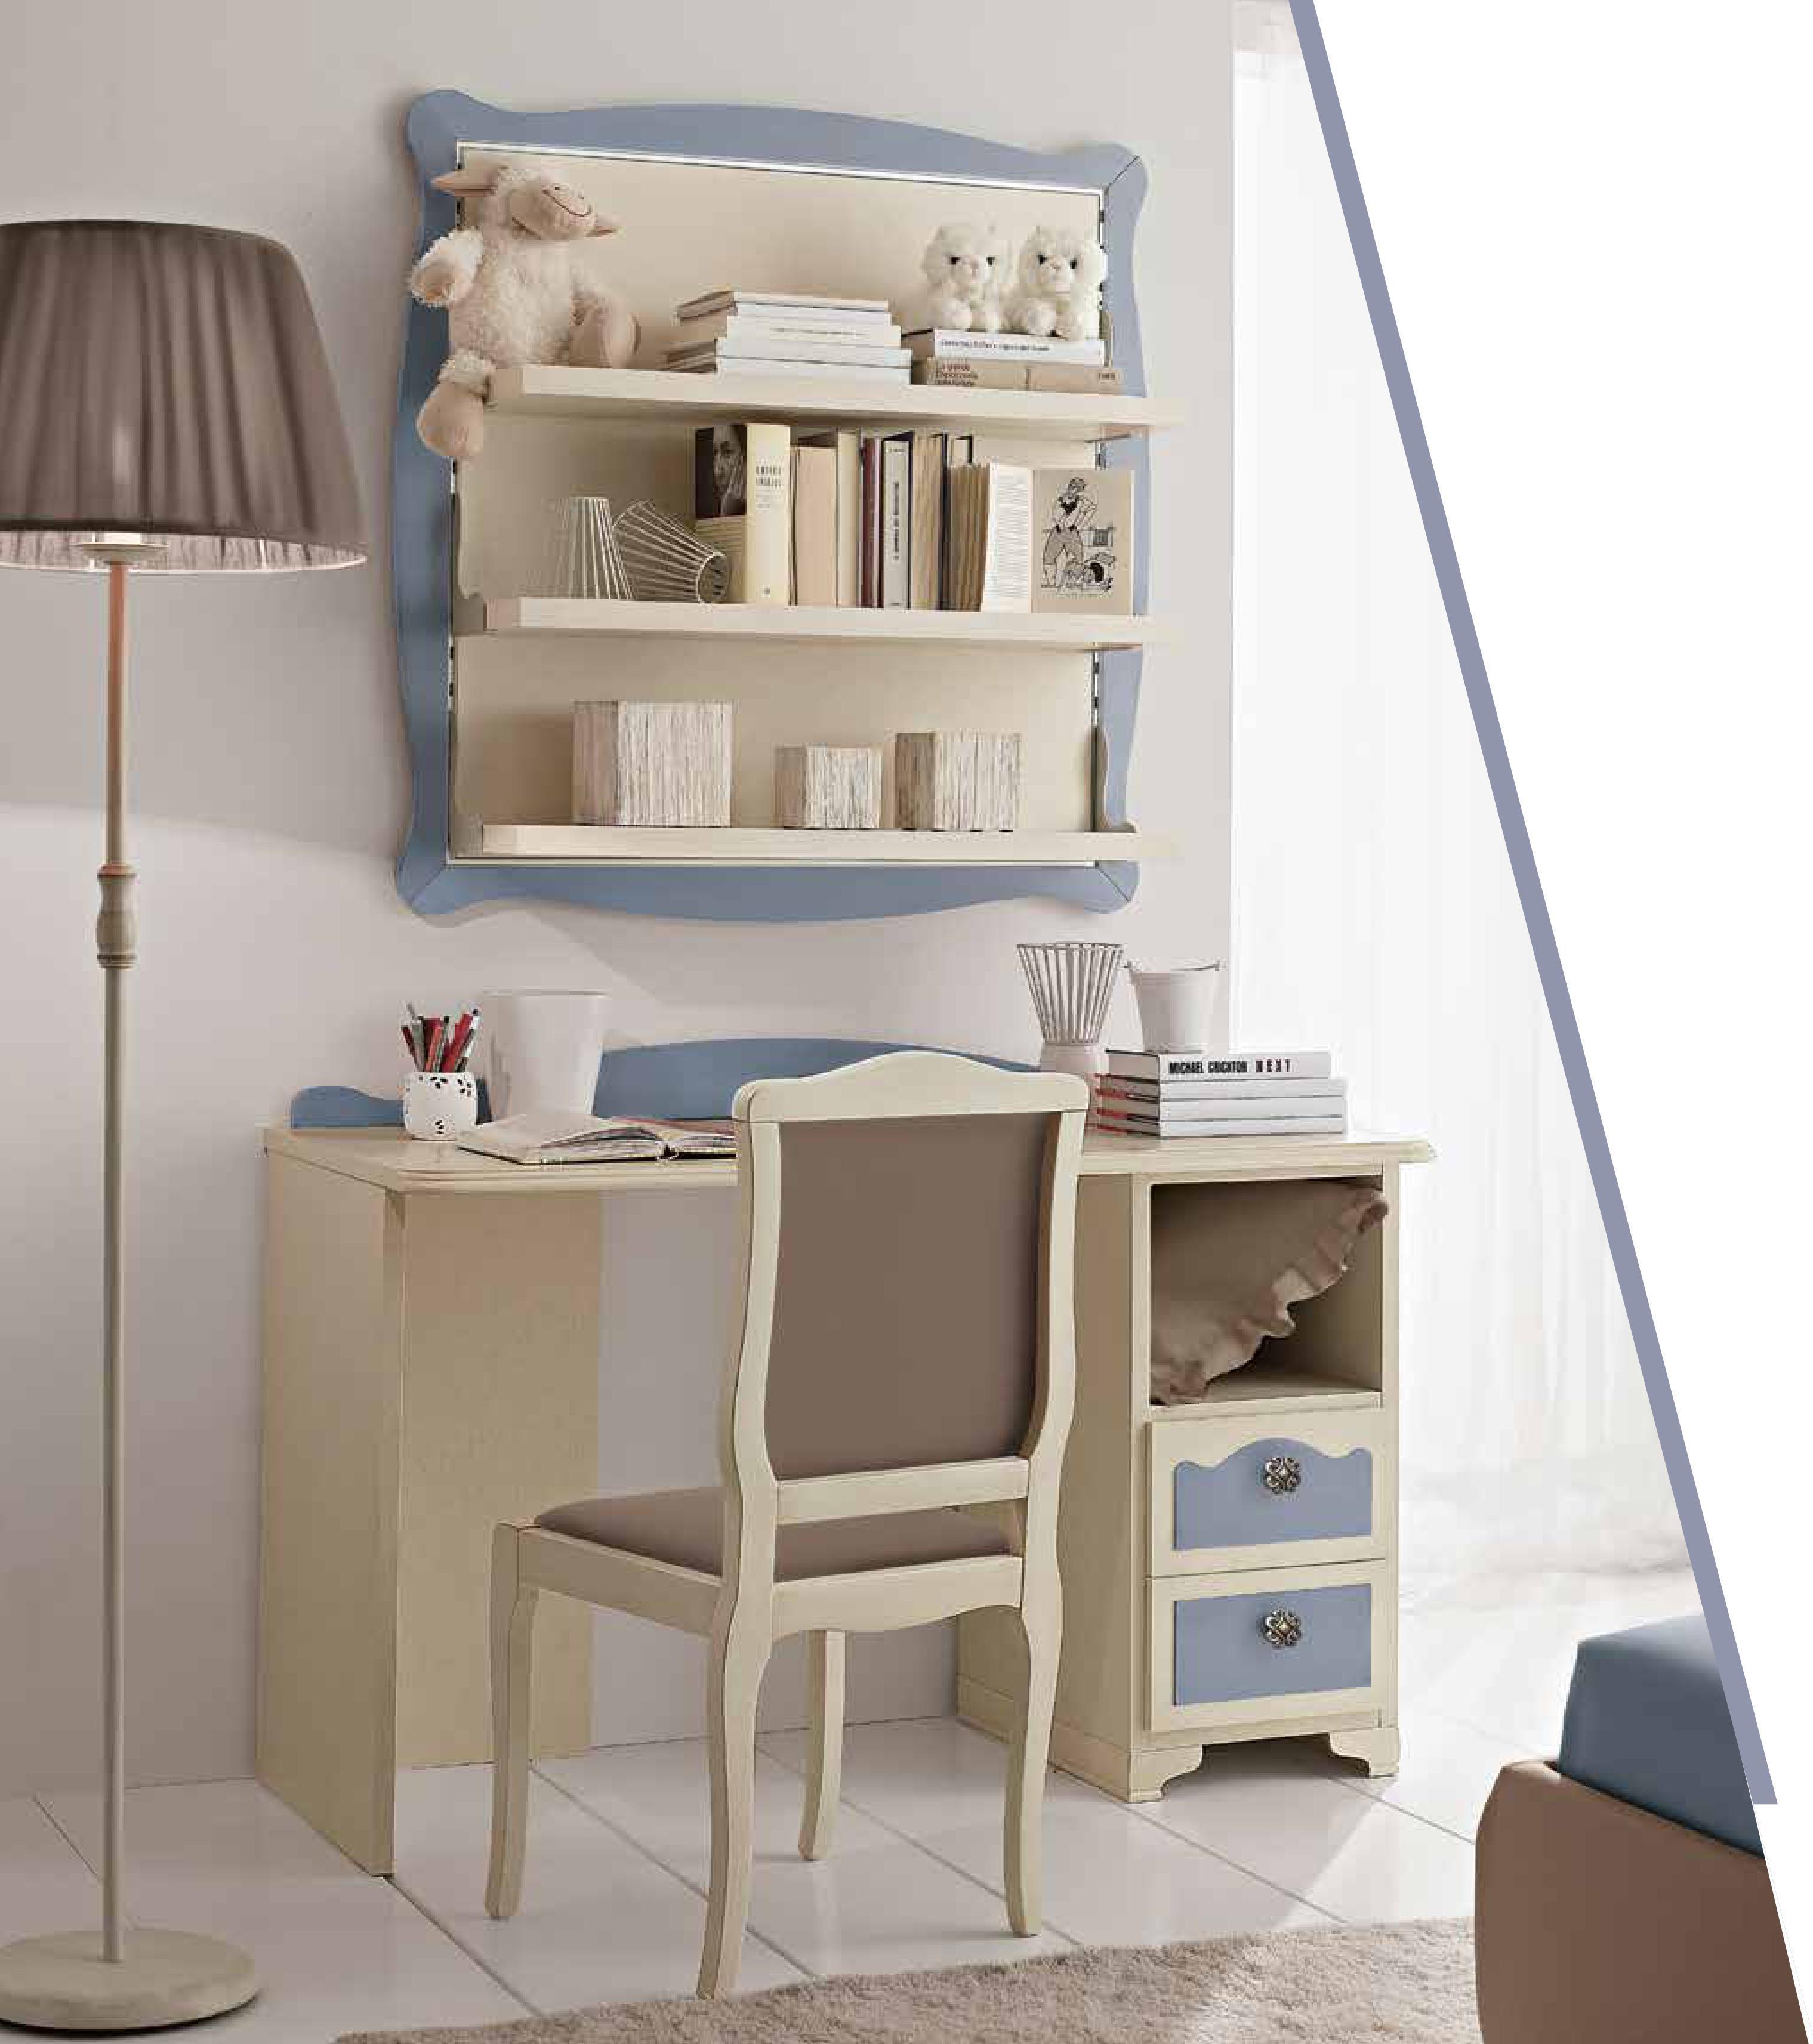 Arredamento camera da letto stile provenzale arredamento for Arredamento country chic o provenzale